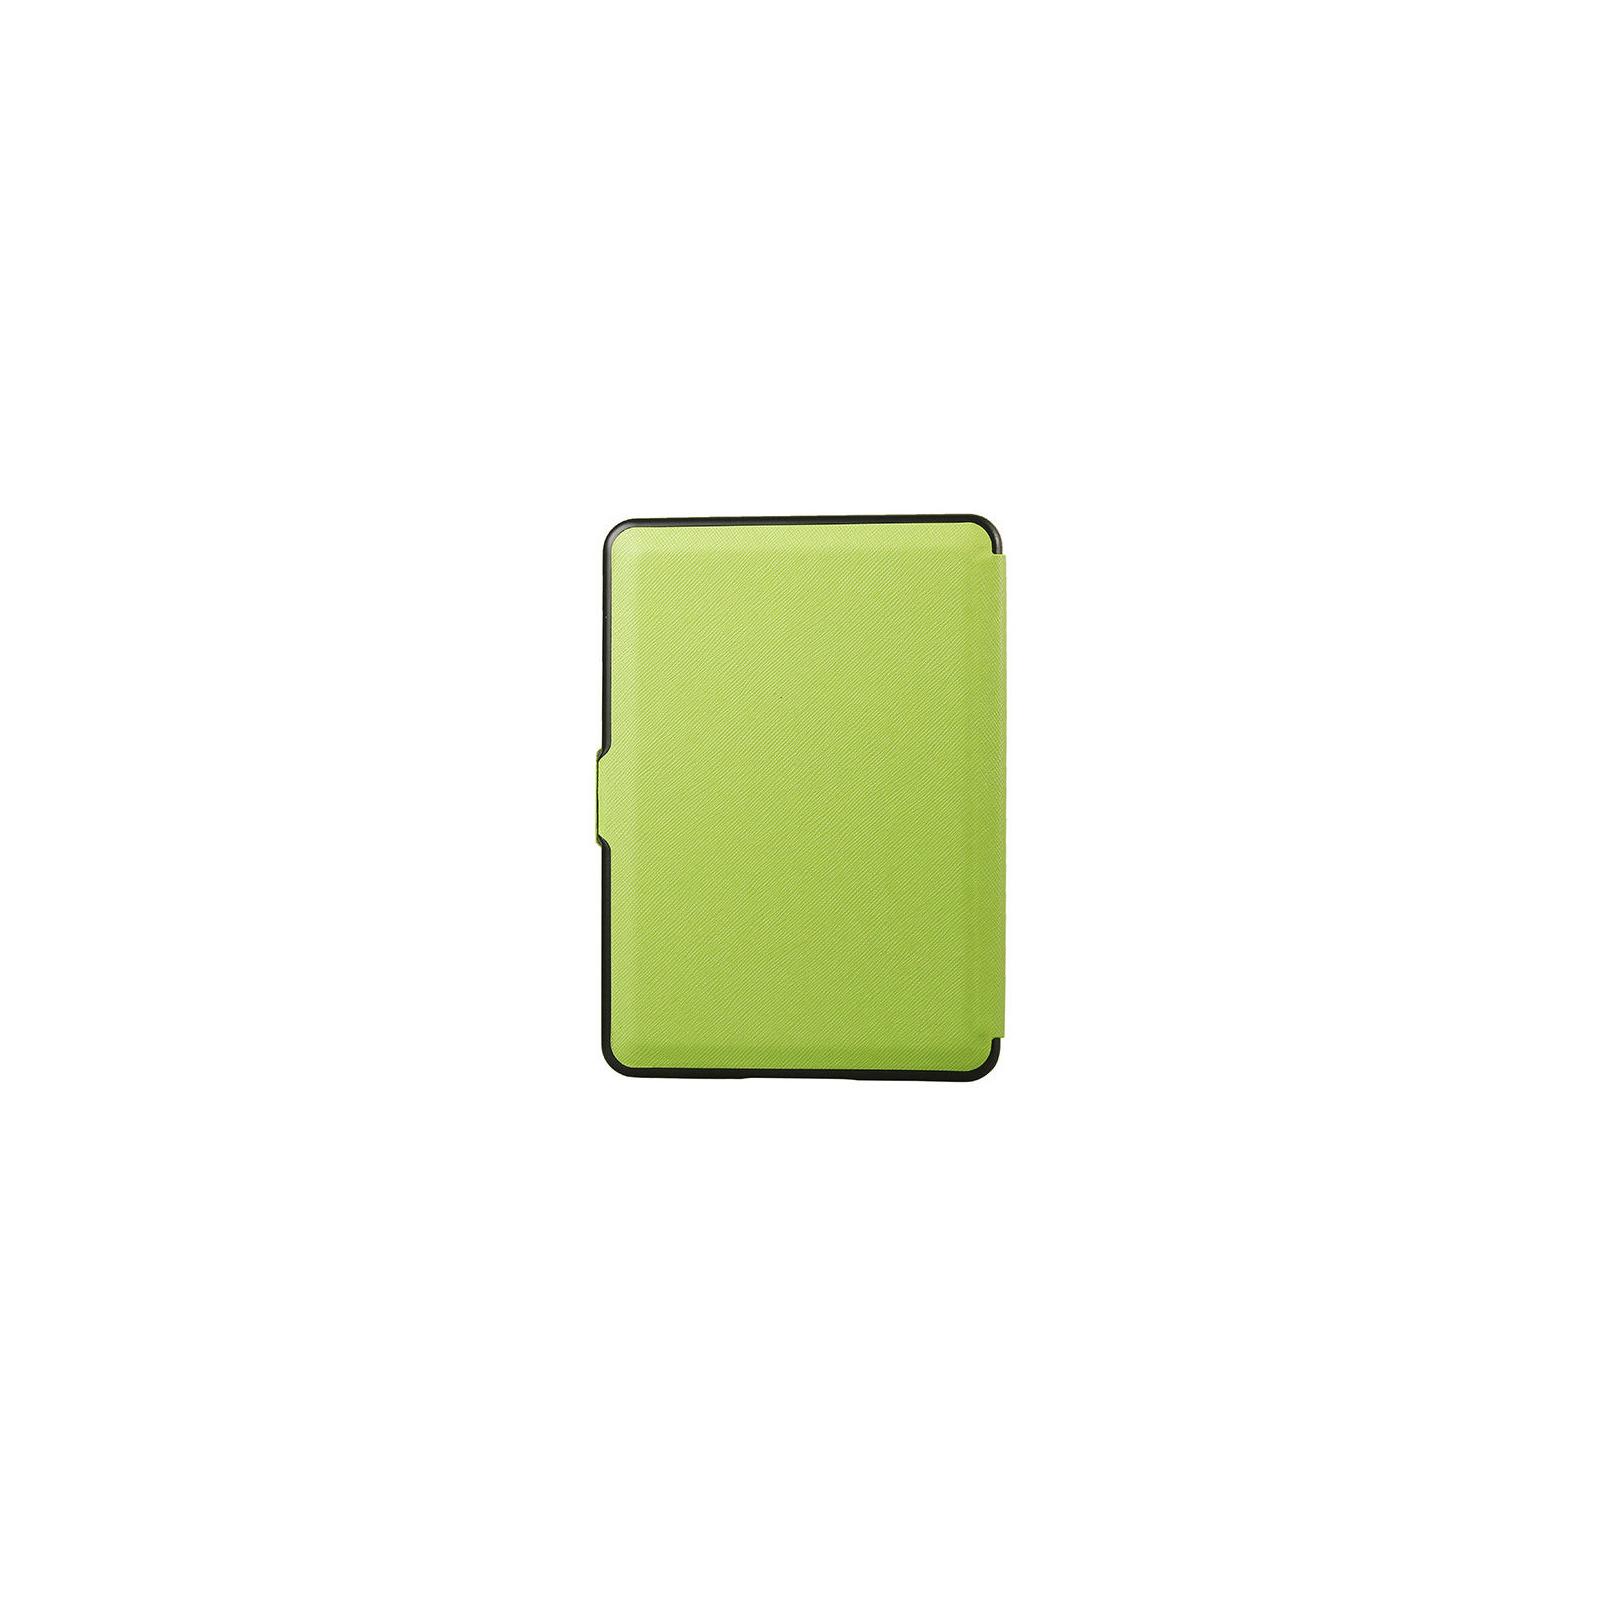 Чехол для электронной книги AirOn для Amazon Kindle 6 green (4822356754495) изображение 2